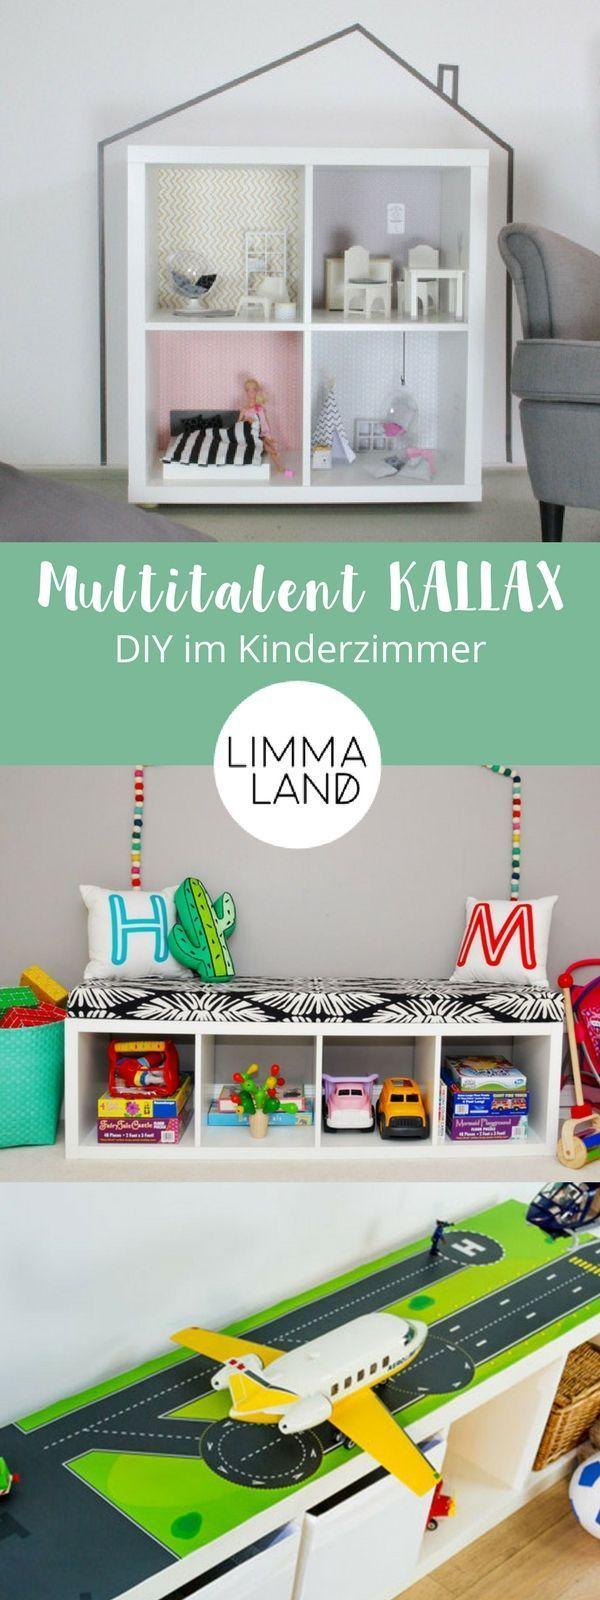 Ikea regal kallax einsatz ideen  Die besten 25+ Kallax regal Ideen auf Pinterest | ikea Kallax ...